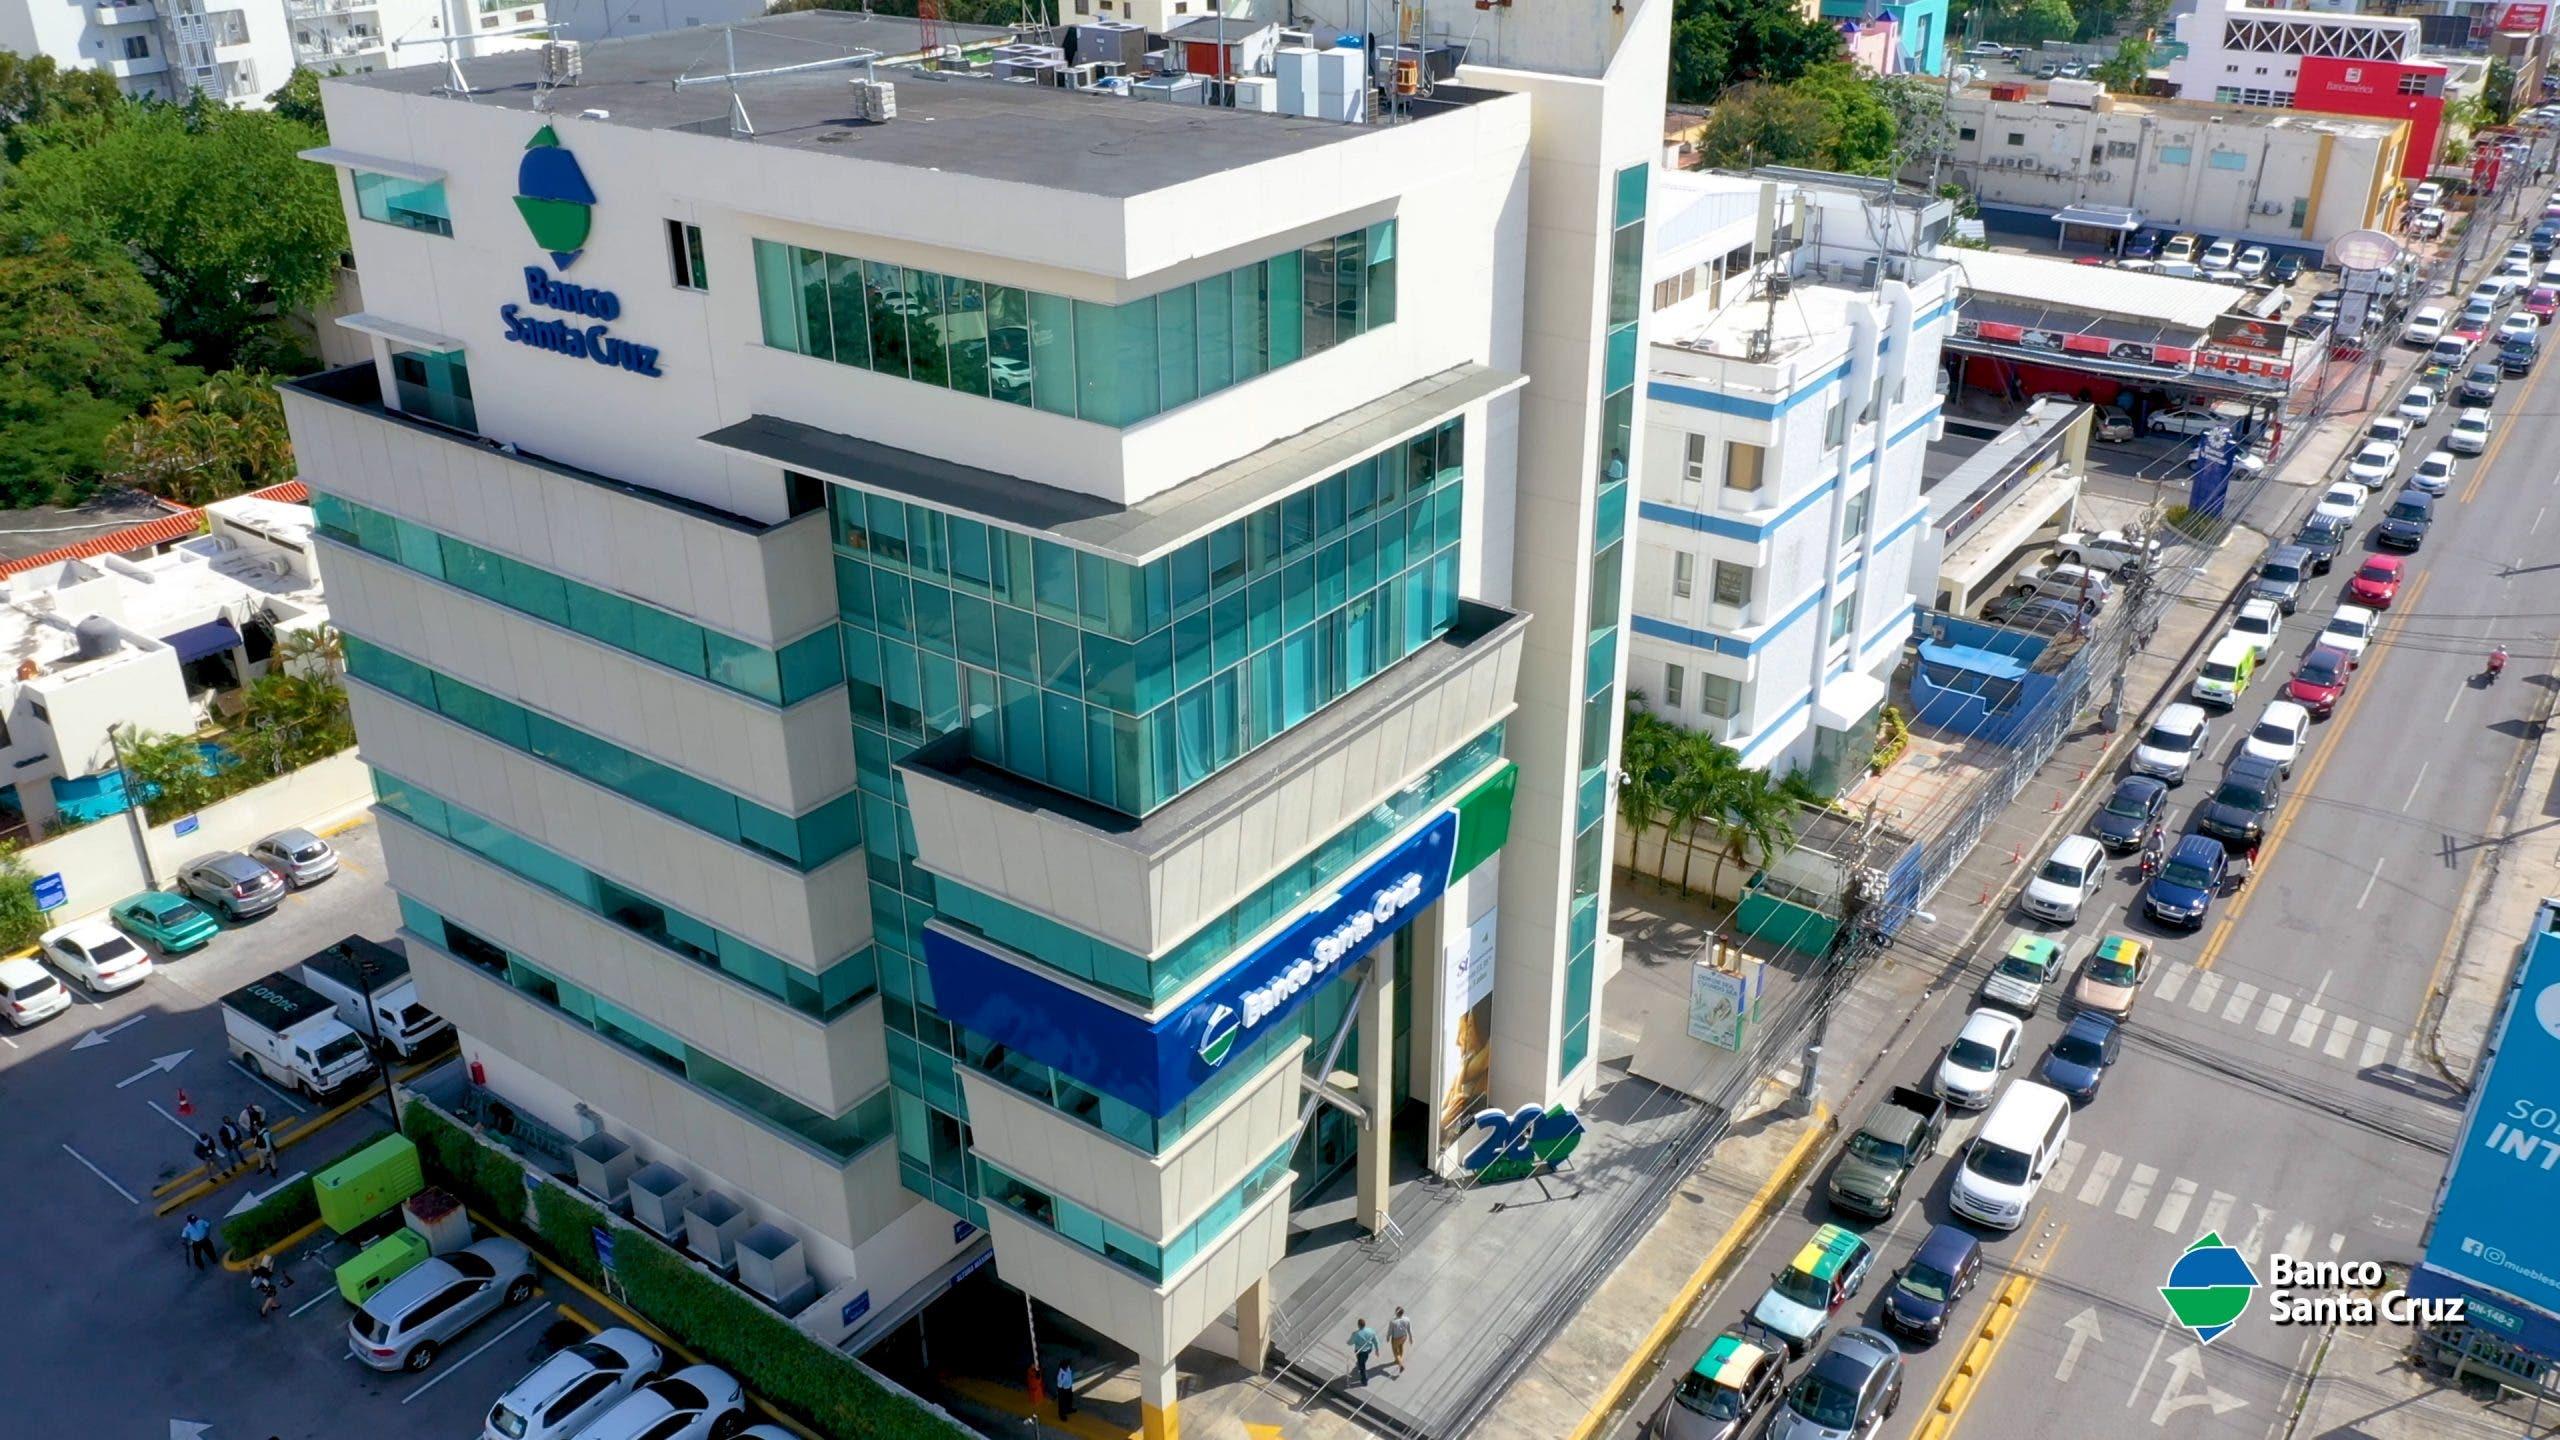 Banco Santa Cruz aumenta RD$2000 millones su capital y refuerza respaldo a las pymes